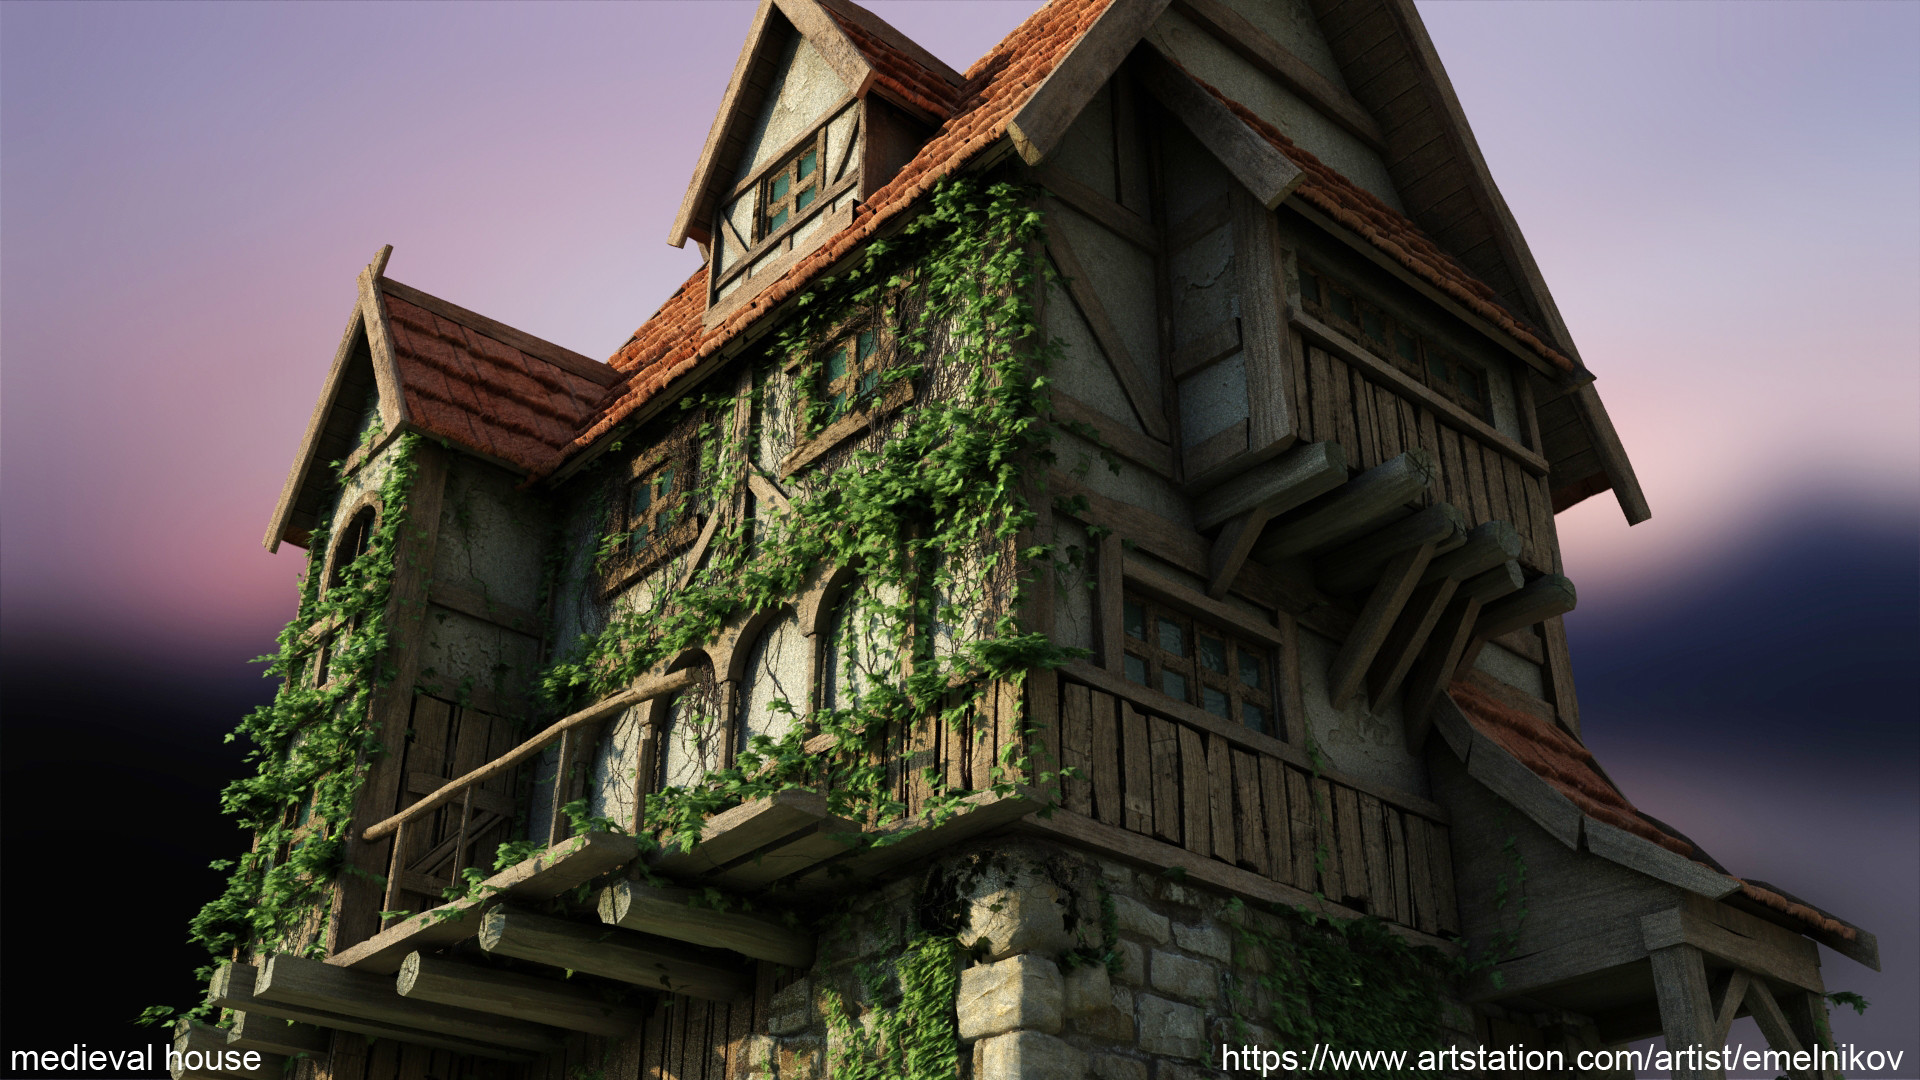 Eugene melnikov medieval house1 render frm3